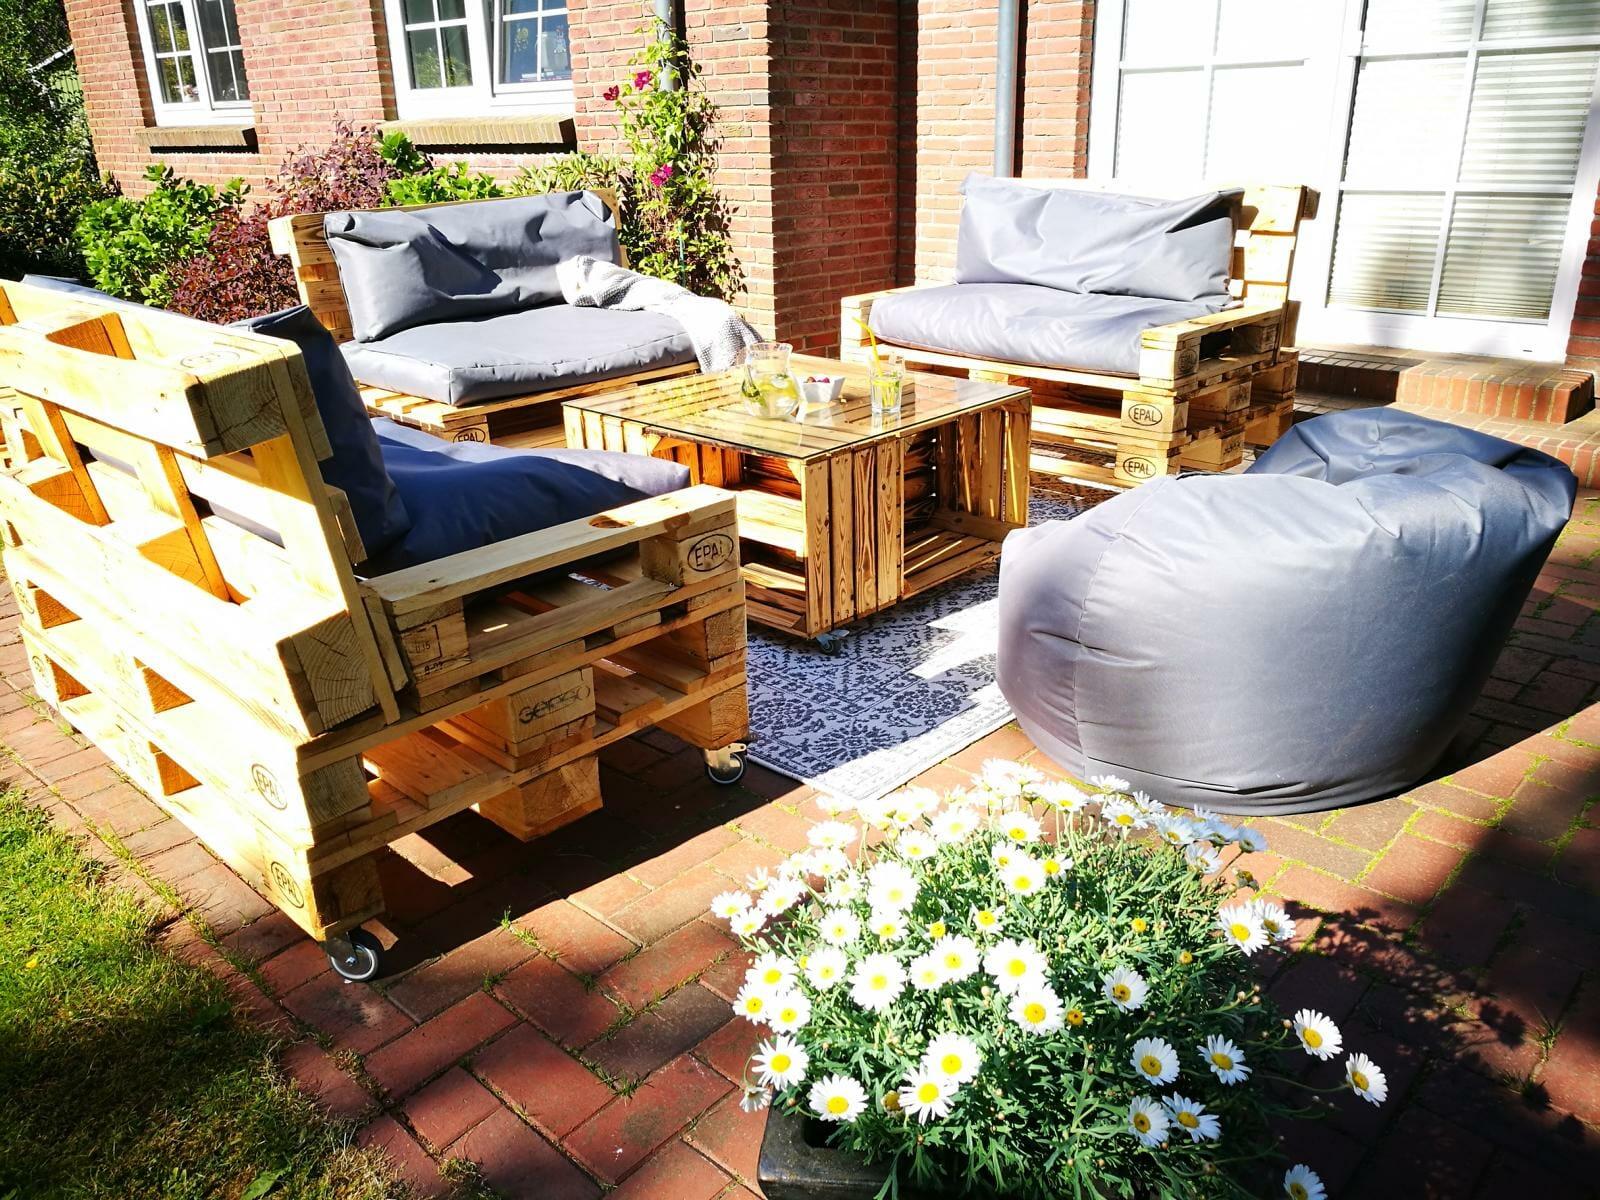 Full Size of Couch Terrasse Gartenmbel Aus Paletten Diy Tipps Palettenmbel Shop Wohnzimmer Couch Terrasse